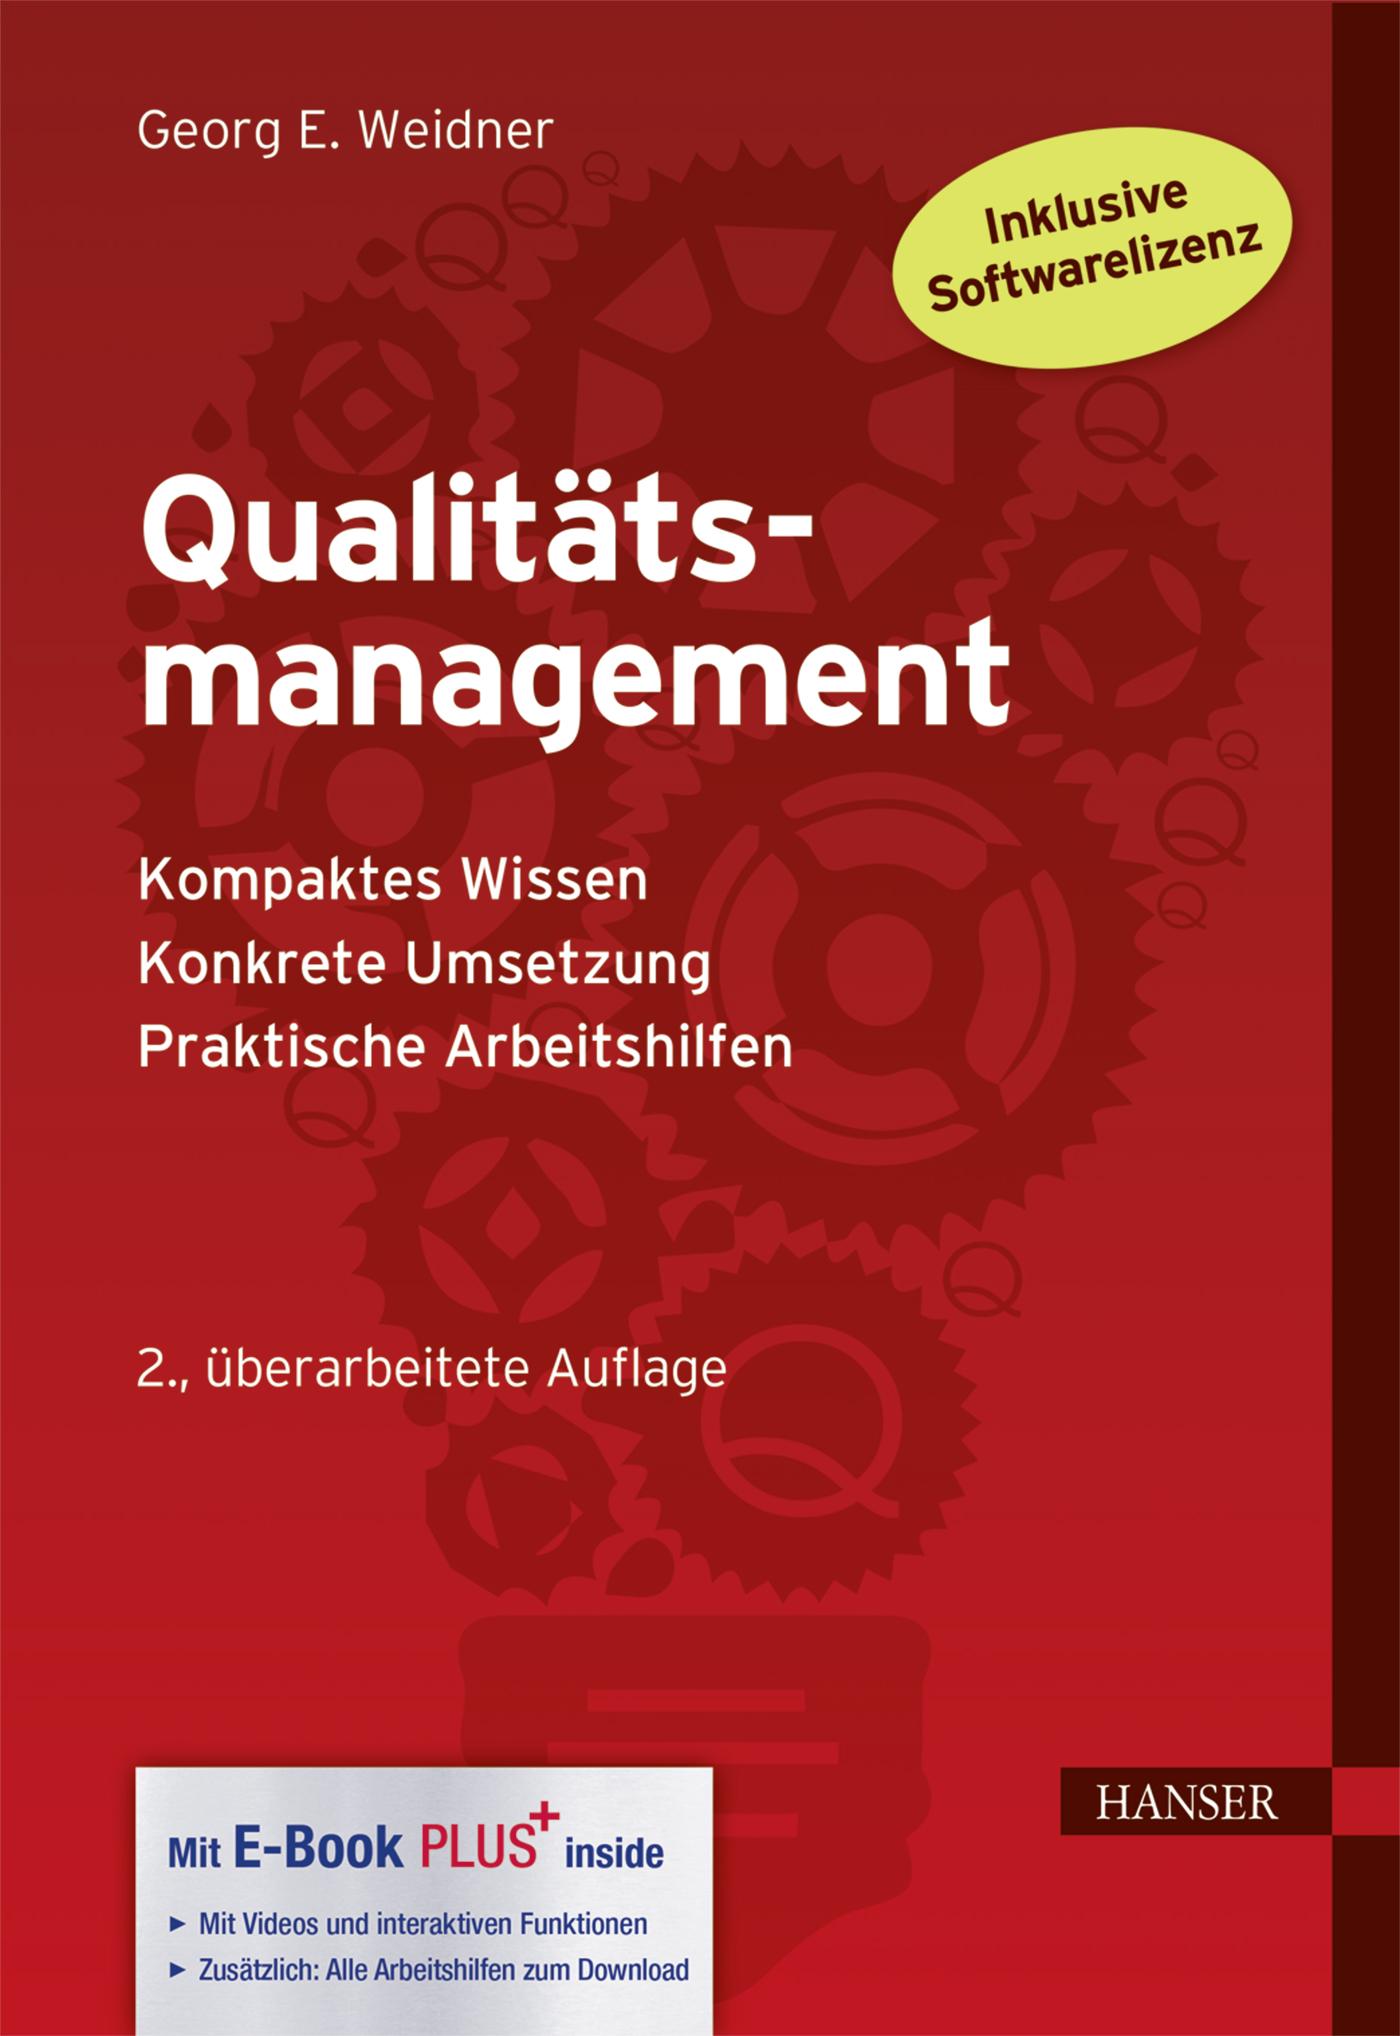 Weidner, Qualitätsmanagement, 978-3-446-45203-9